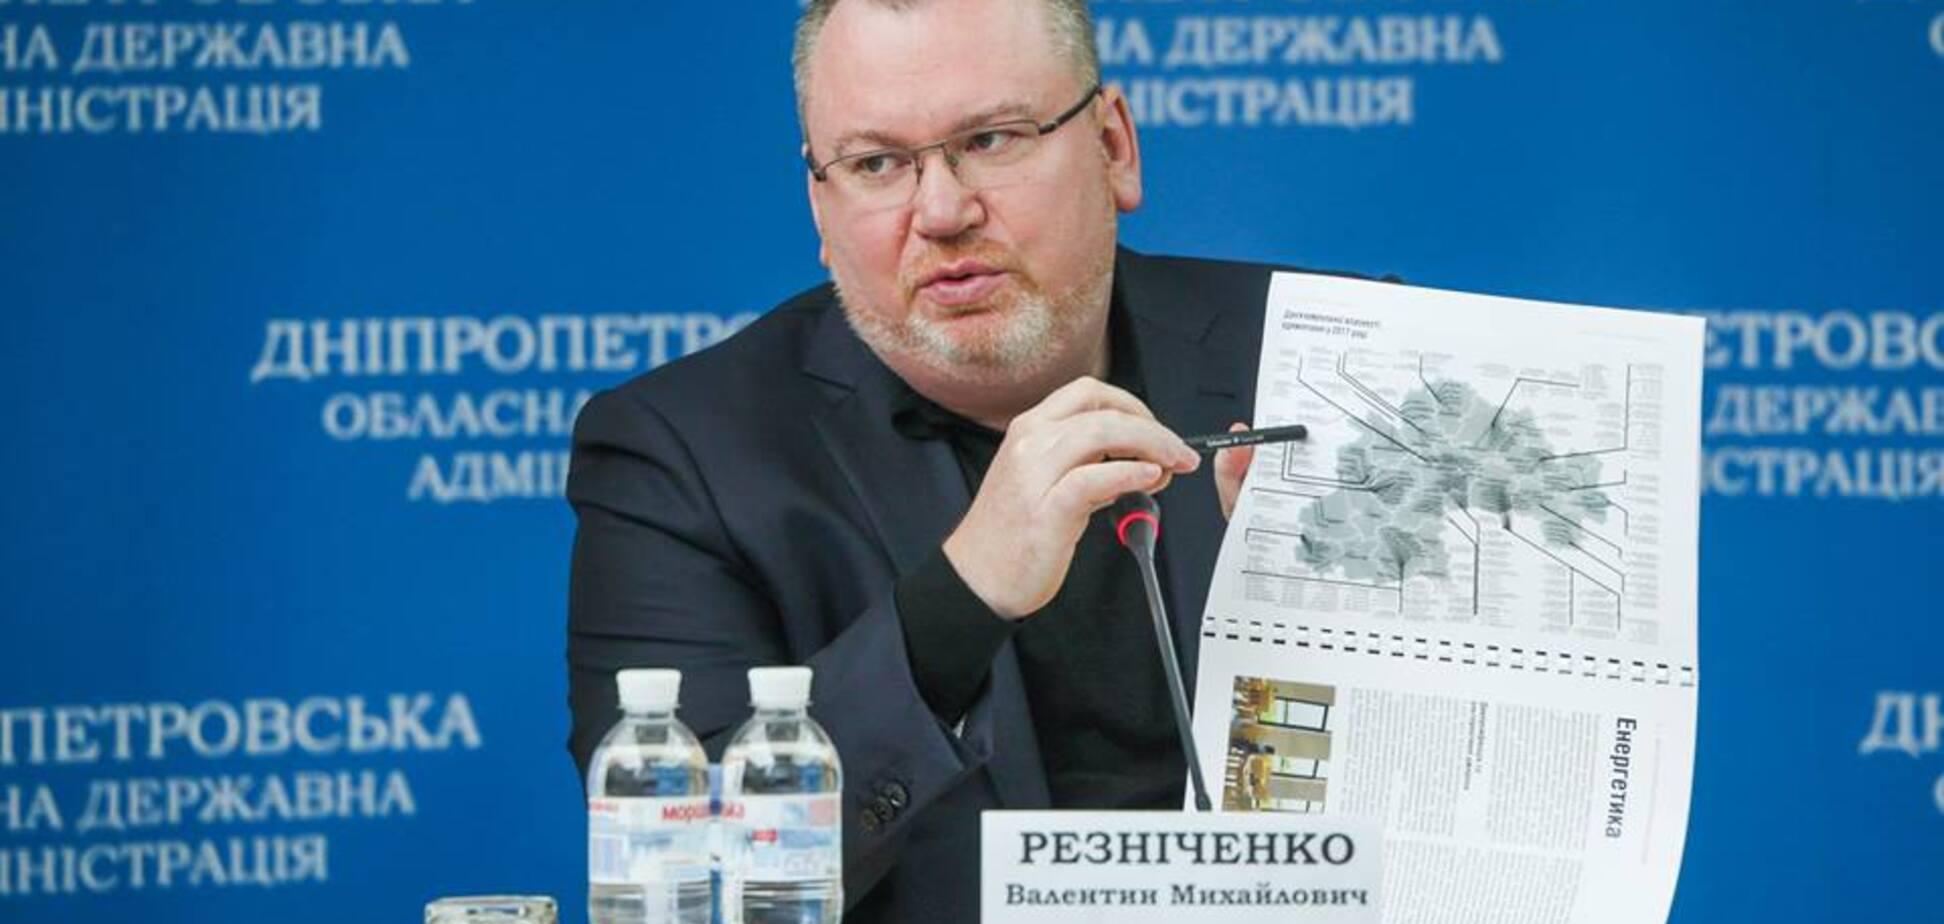 Резниченко: 2017 стал годом масштабного строительства на Днепропетровщине